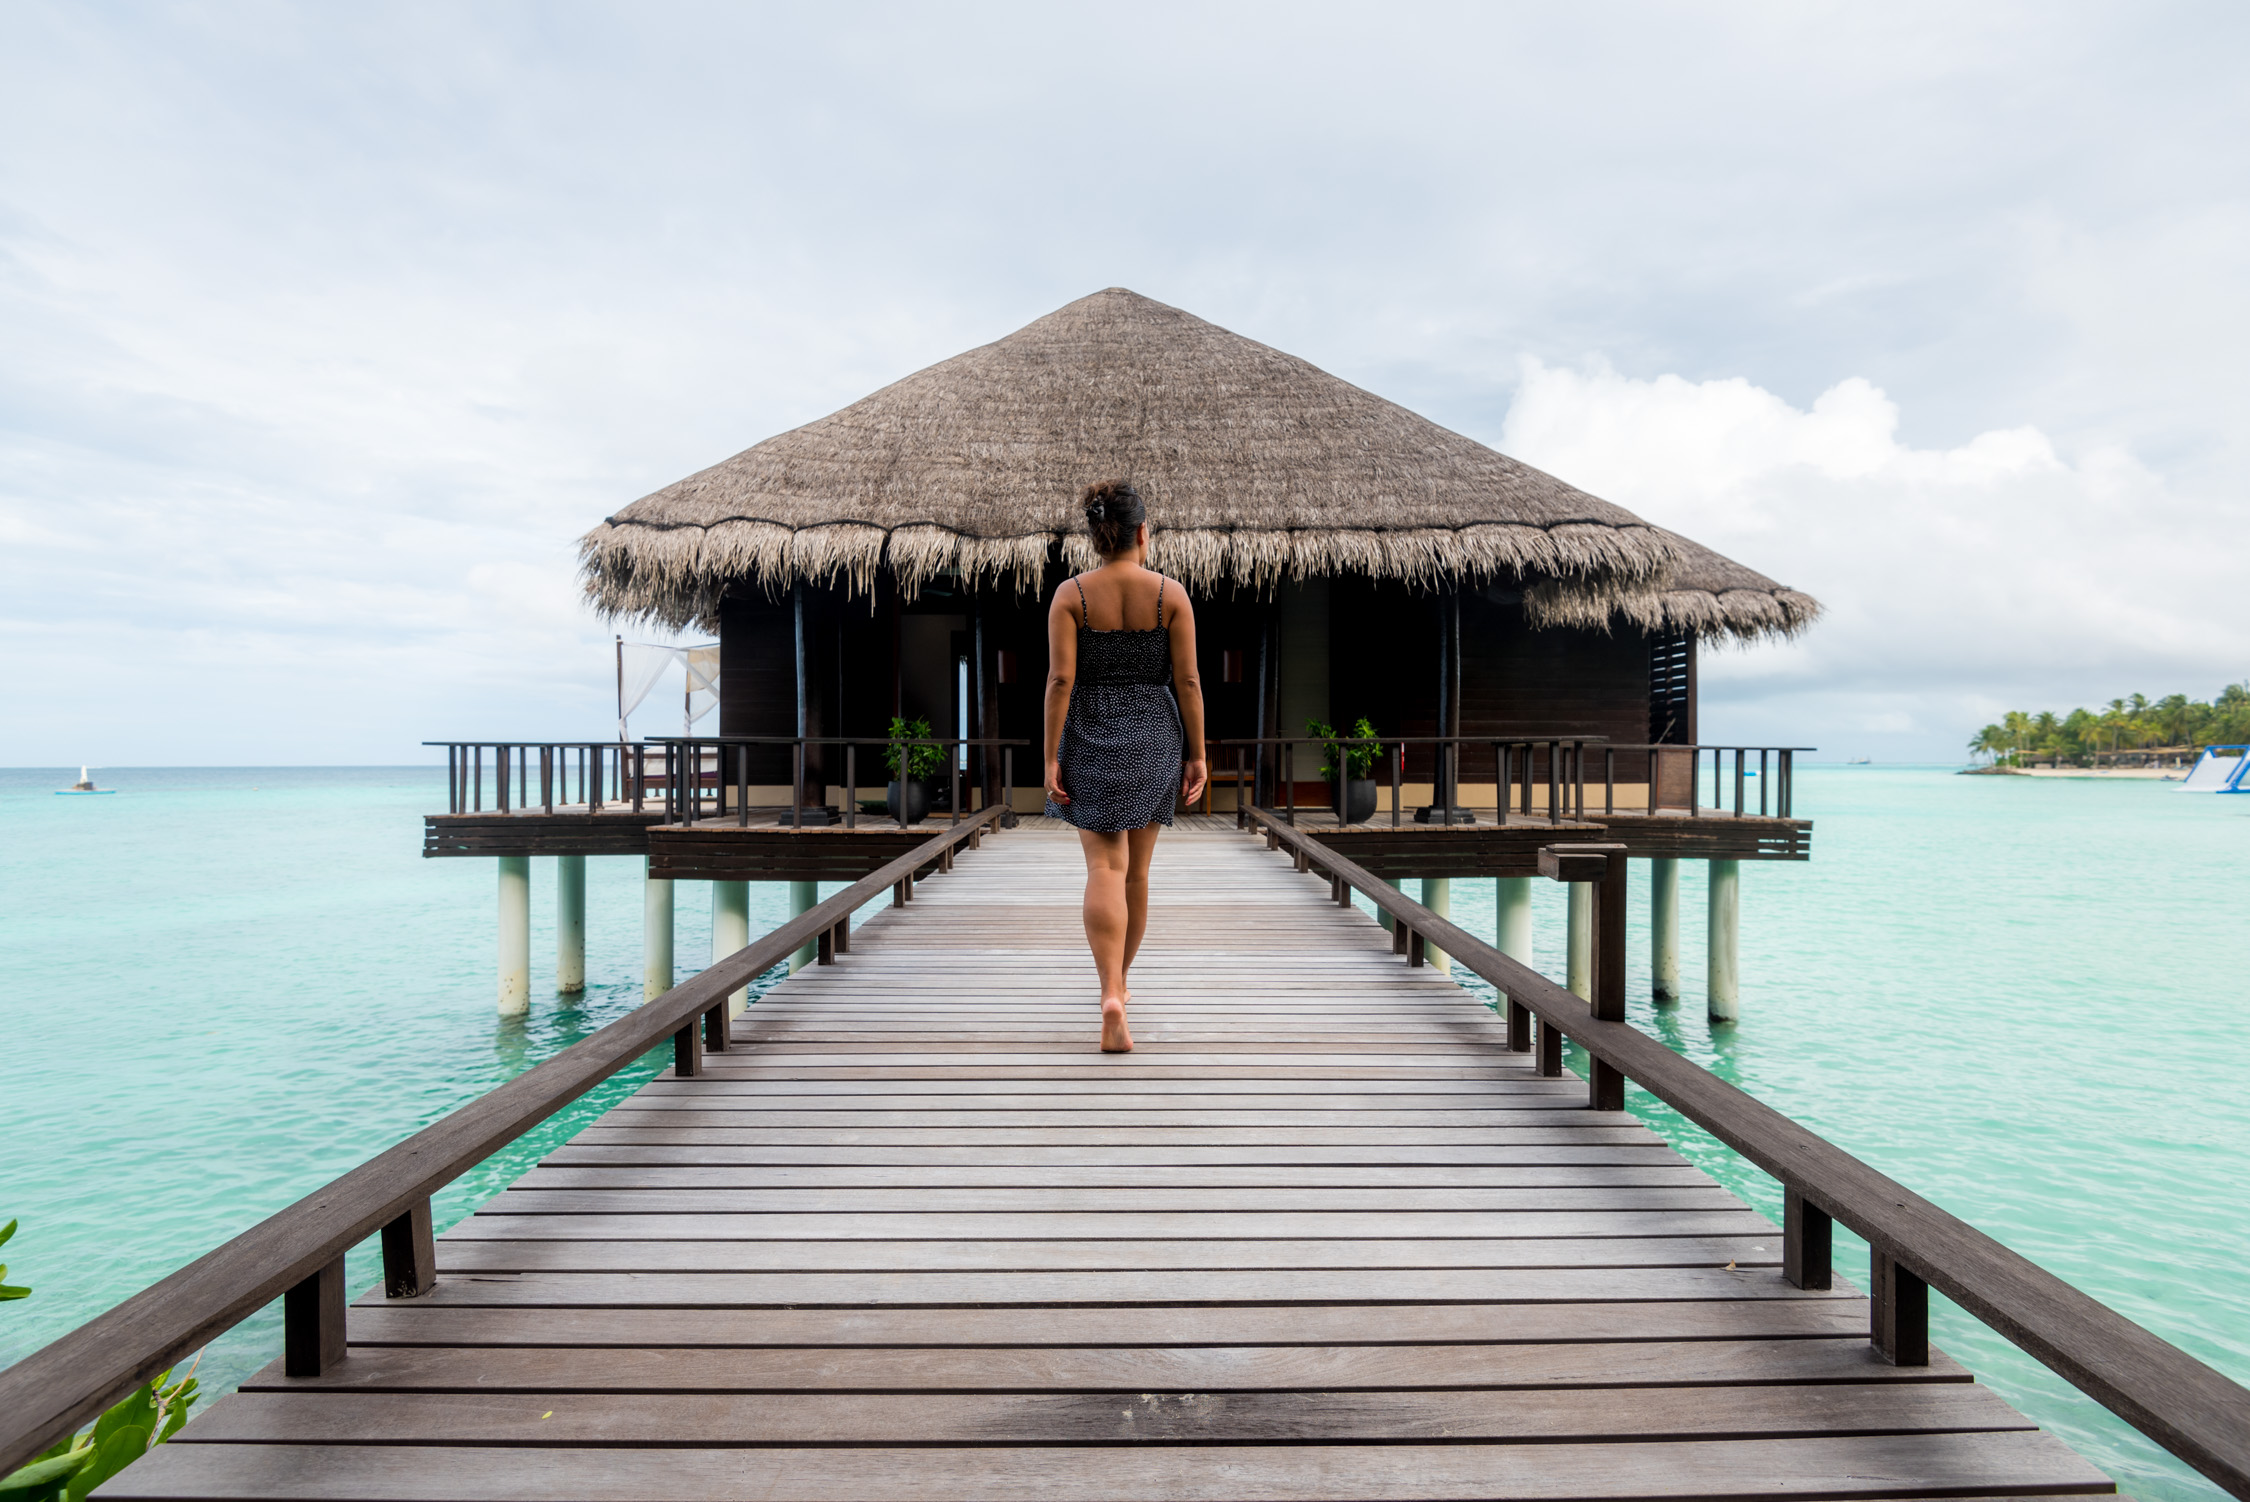 Maldives_Reethi-Rah-110-20170520.jpg